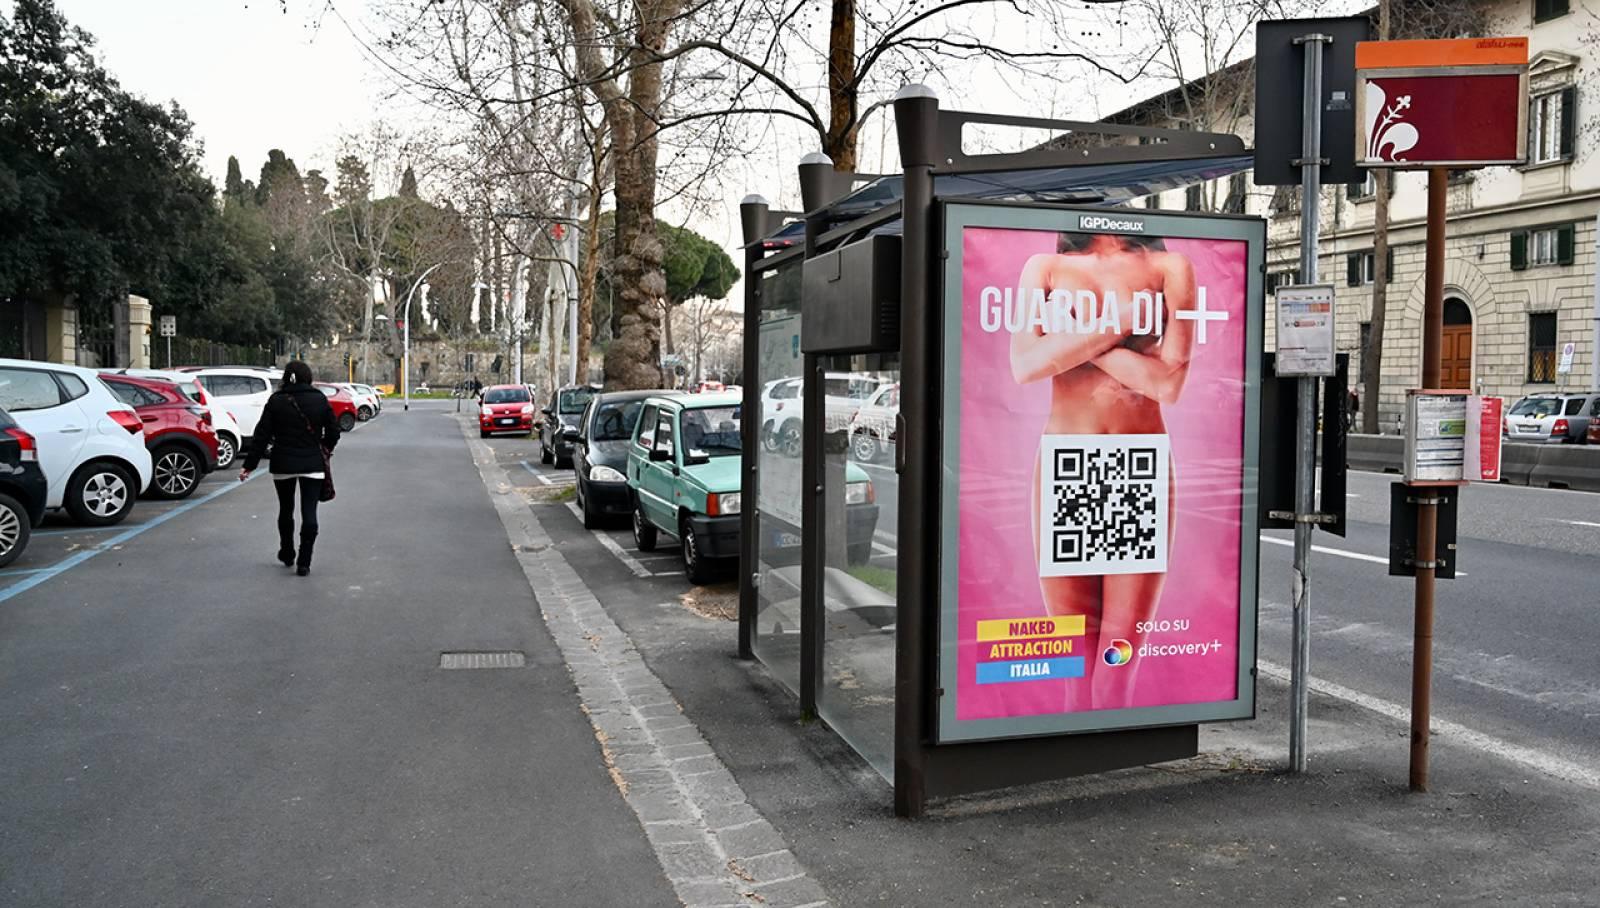 Pubblicità sulle pensiline IGPDecaux a Firenze per Discovery Italia